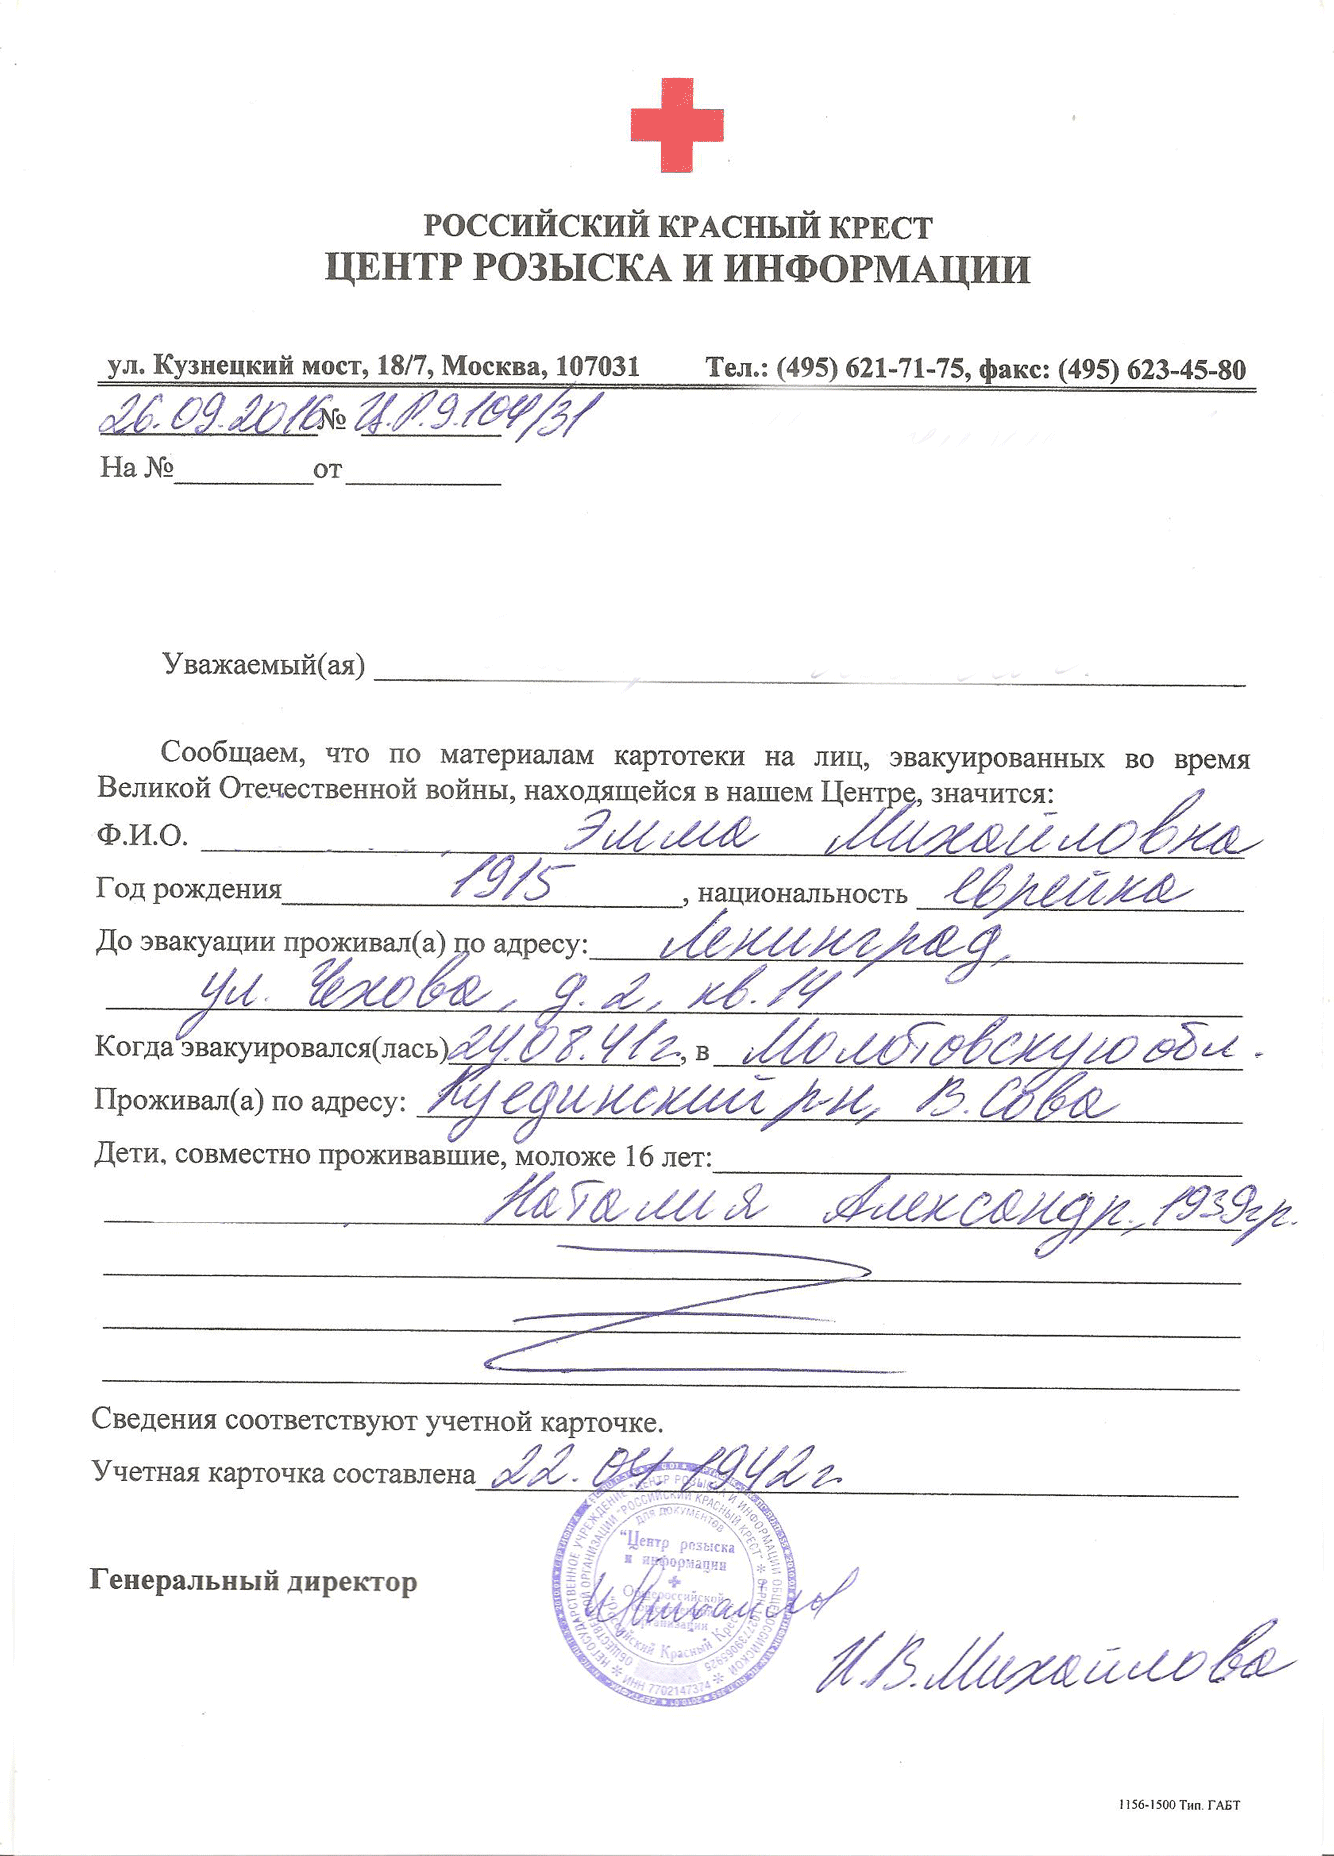 Бесплатная помощь в получении гражданства России